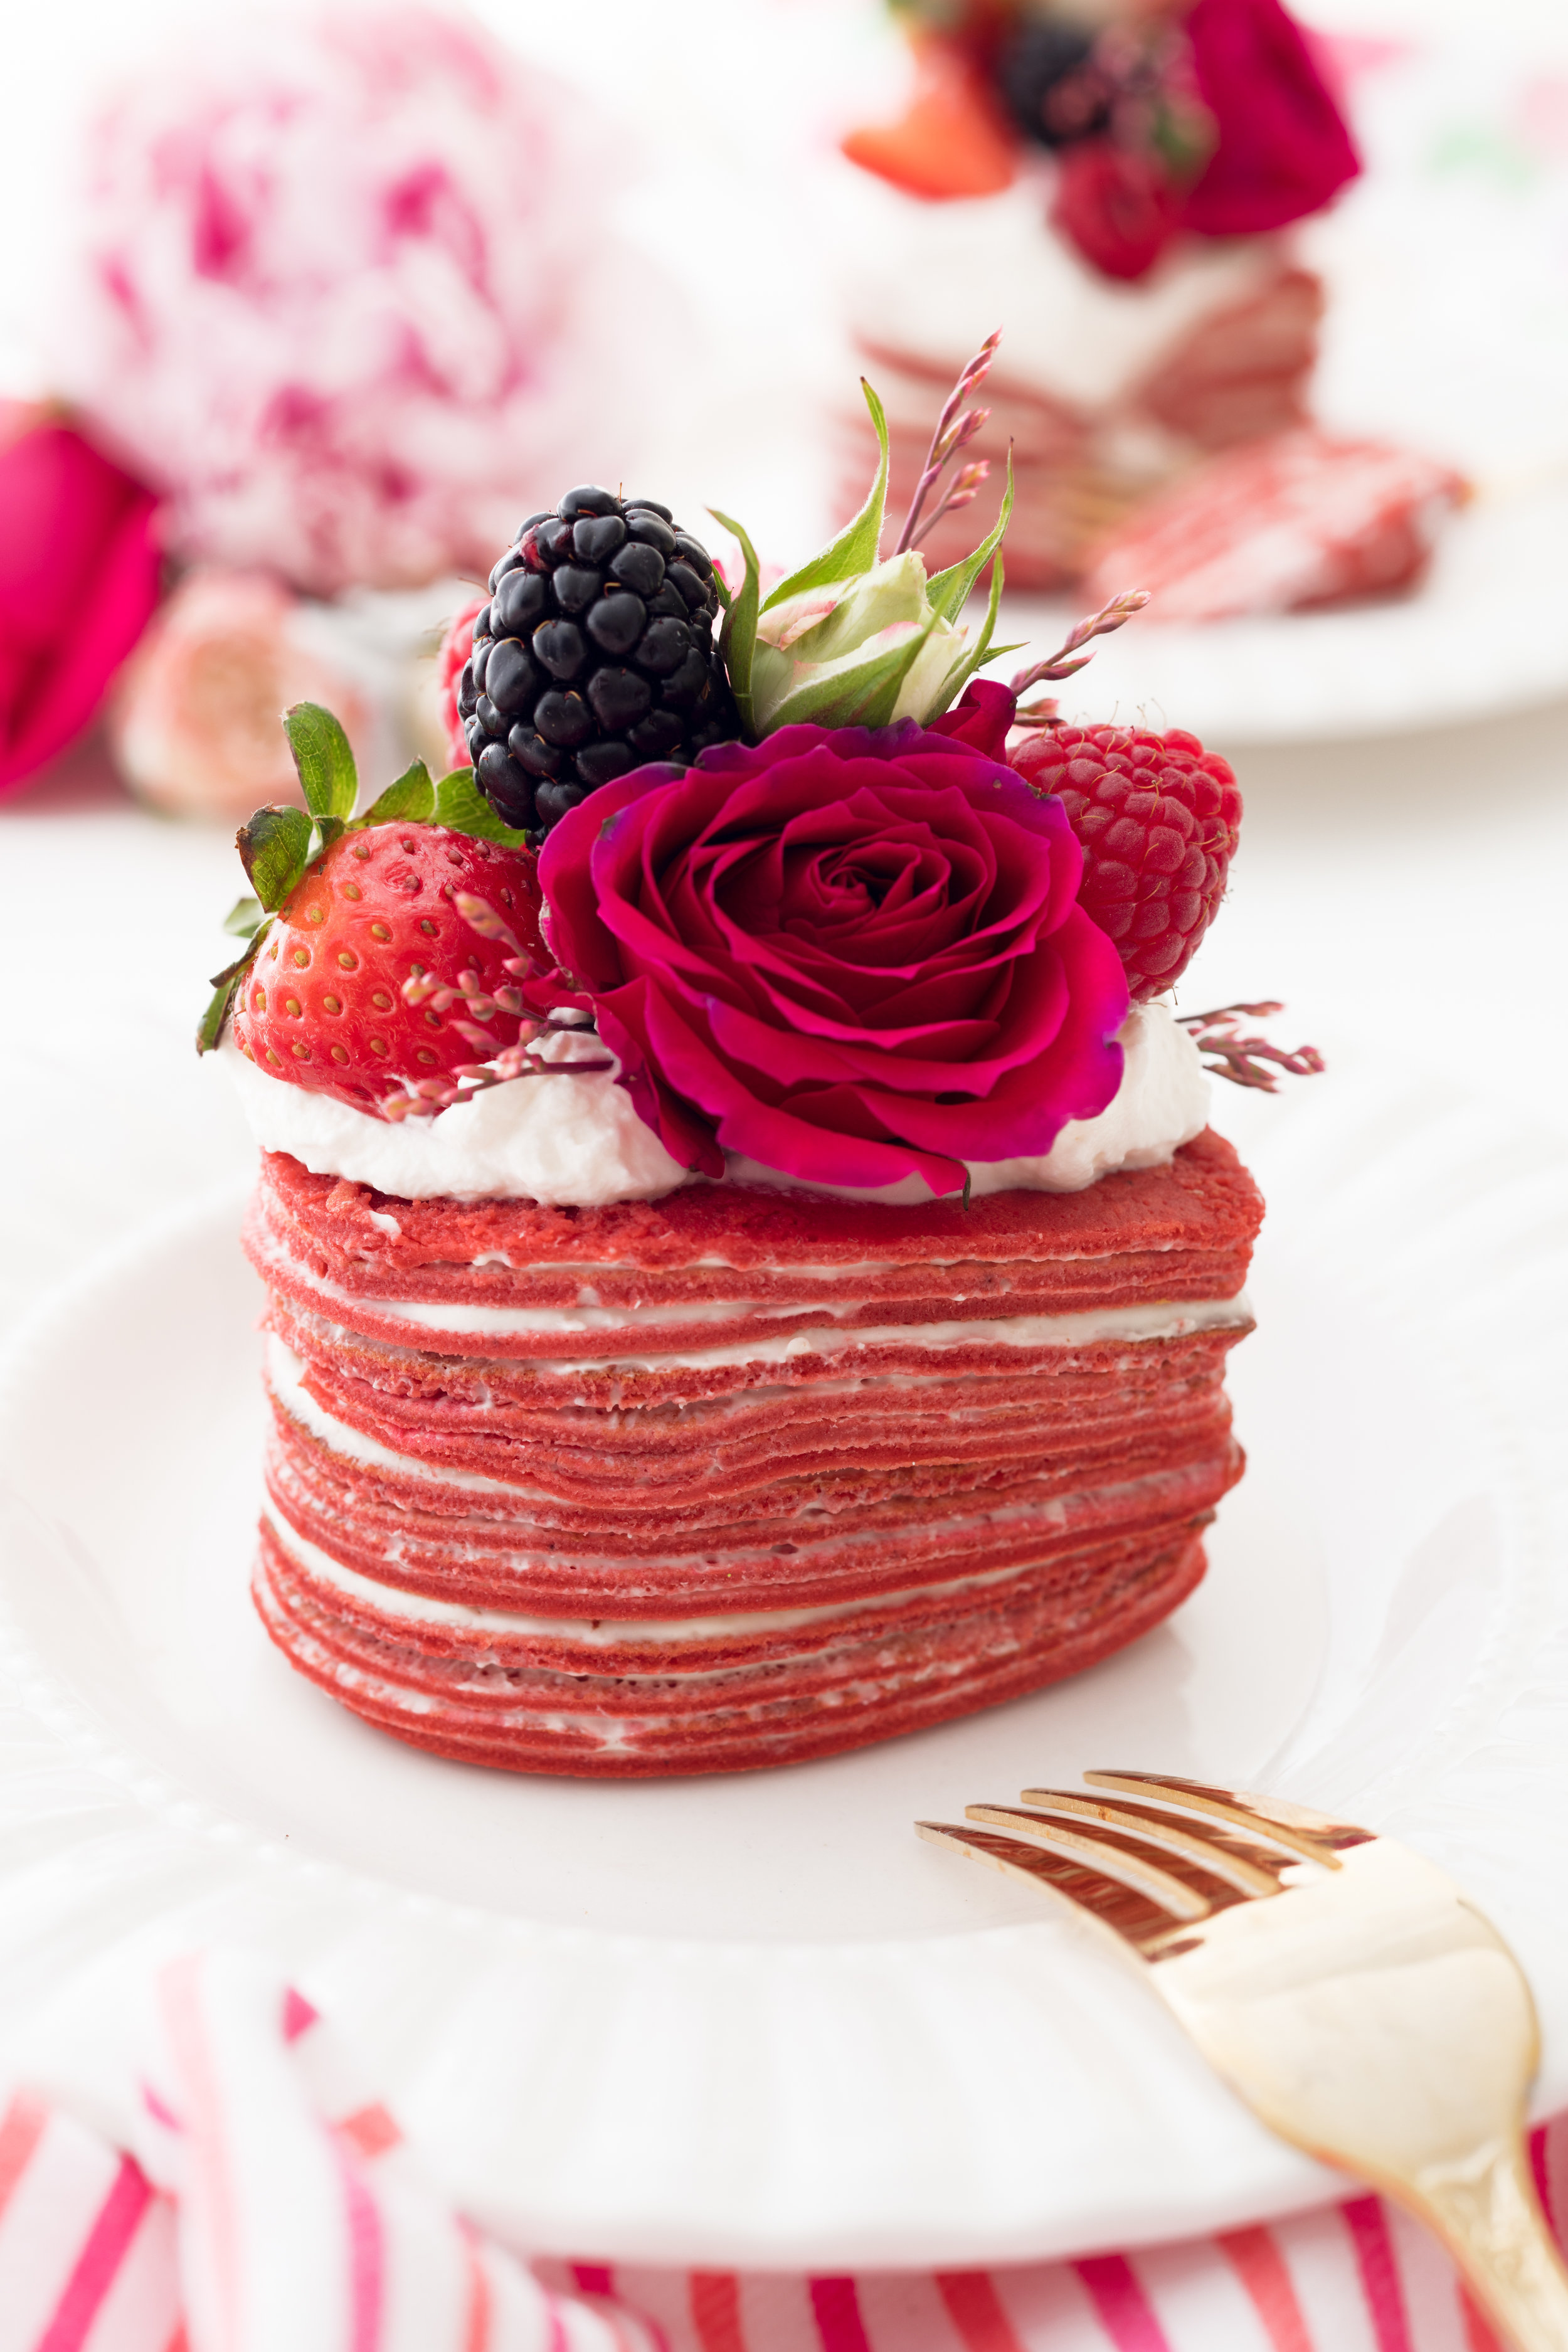 Red Velvet Mille Crepe Cake 1.jpg